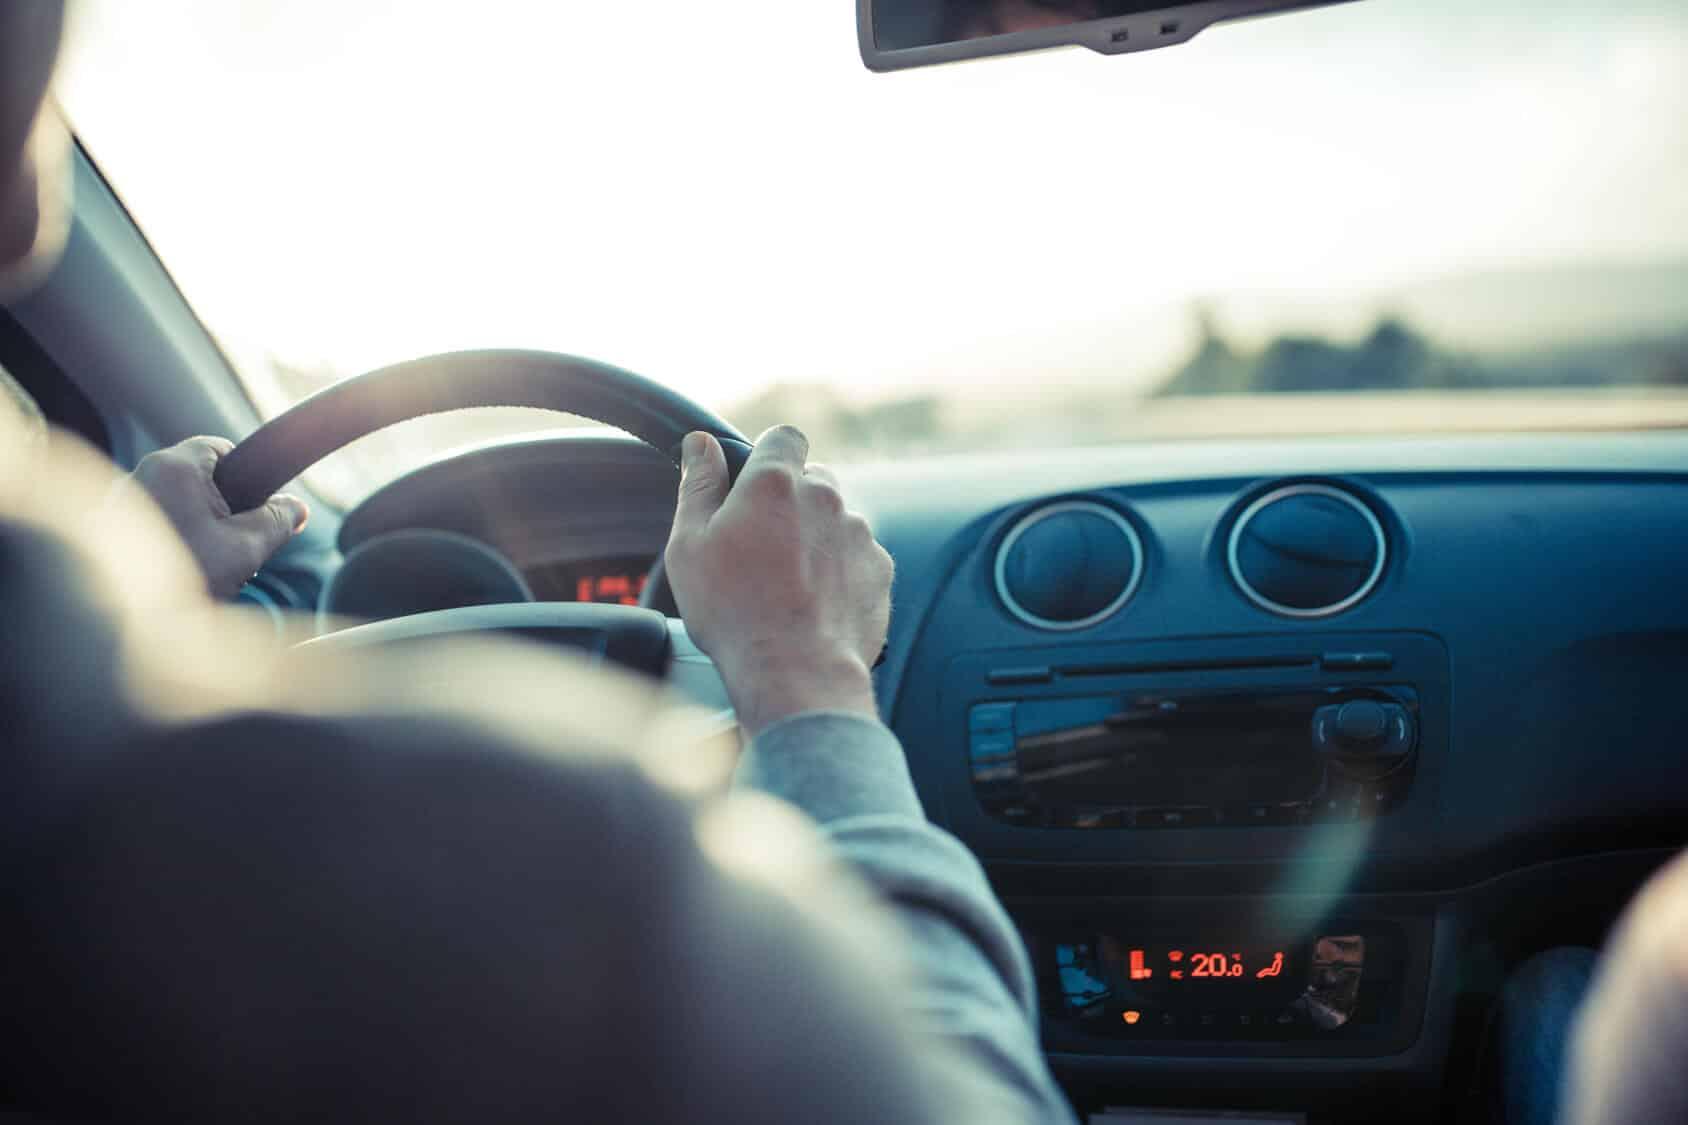 Conduire en toute tranquillité son véhicule en souscrivant à une assurance auto temporaire